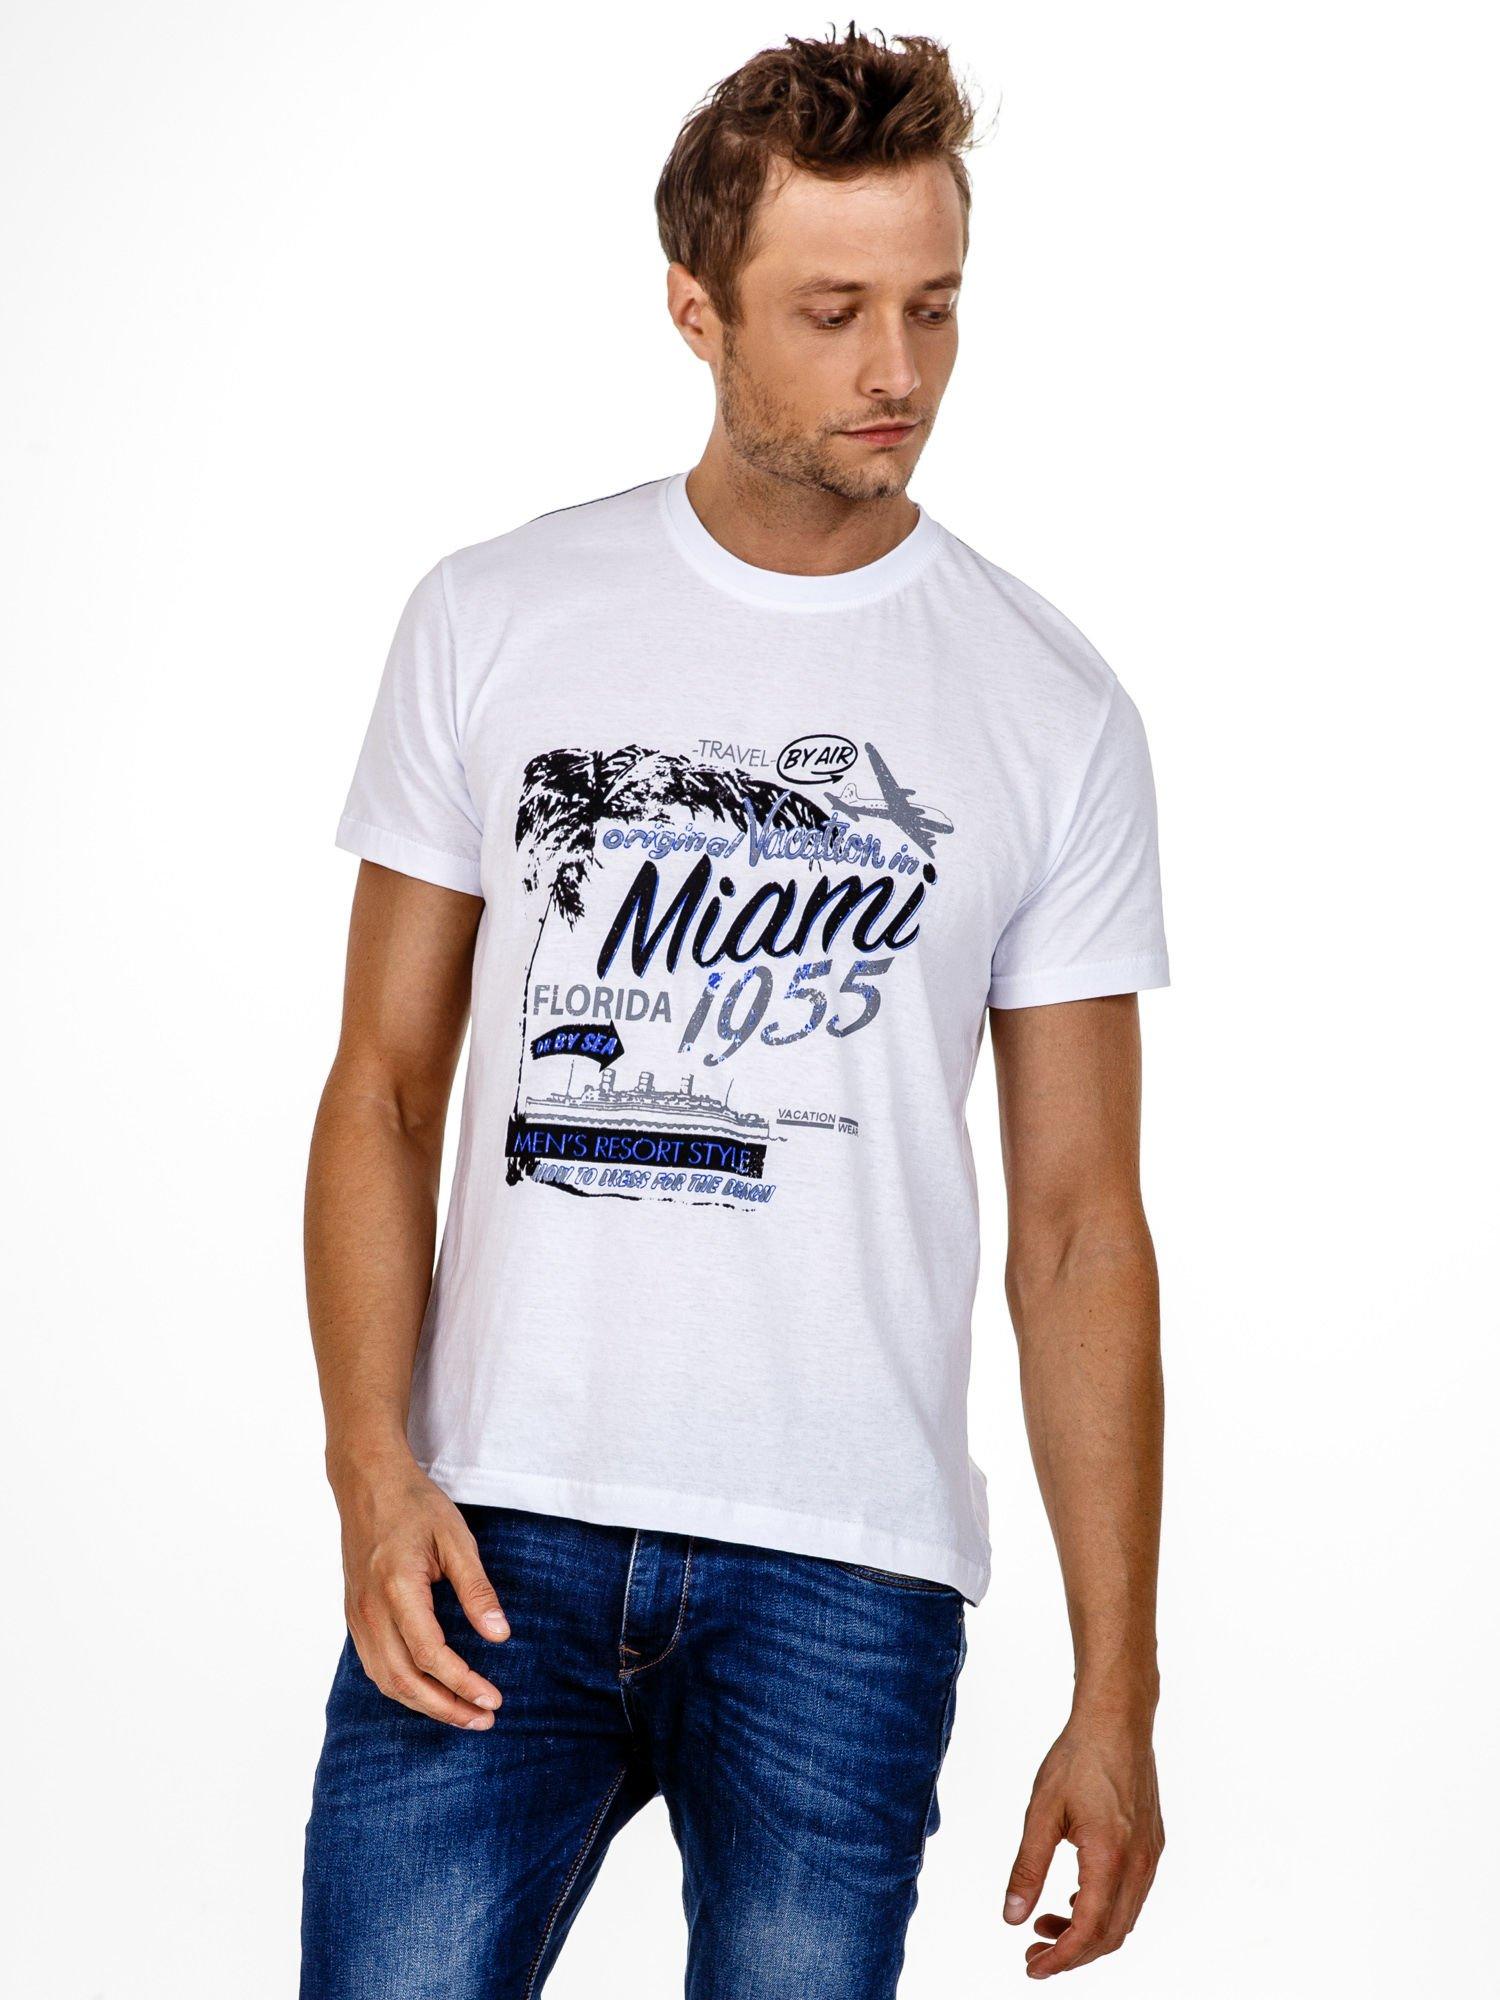 Biały t-shirt męski z nadrukiem napisów MIAMI FLORIDA 1955                                  zdj.                                  1